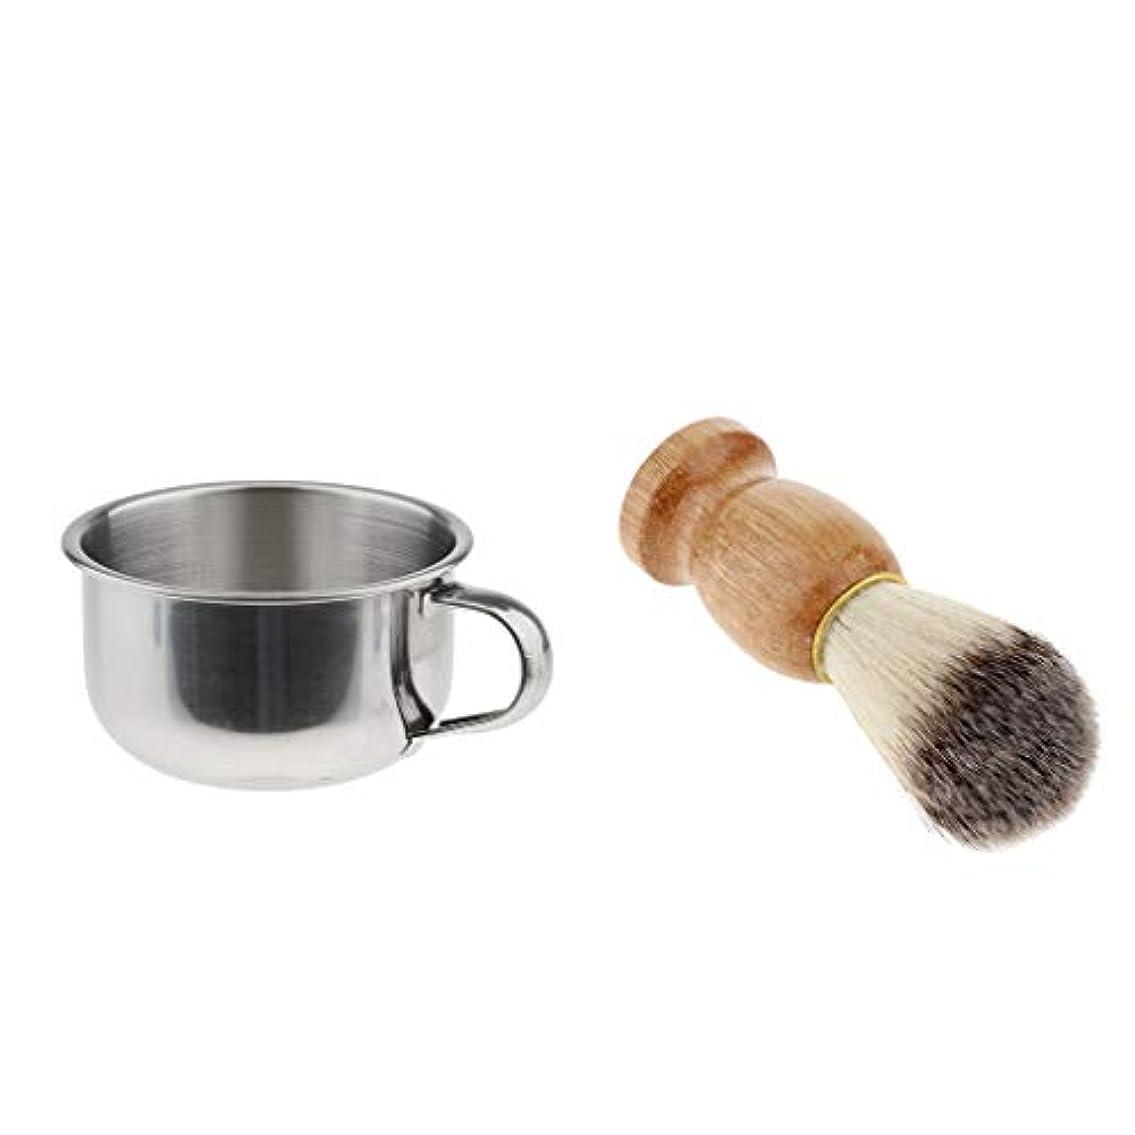 自体乗り出す複製chiwanji シェービングボウル シェービングキット シェービングブラシ シェービングマグ 理容 洗顔 髭剃り